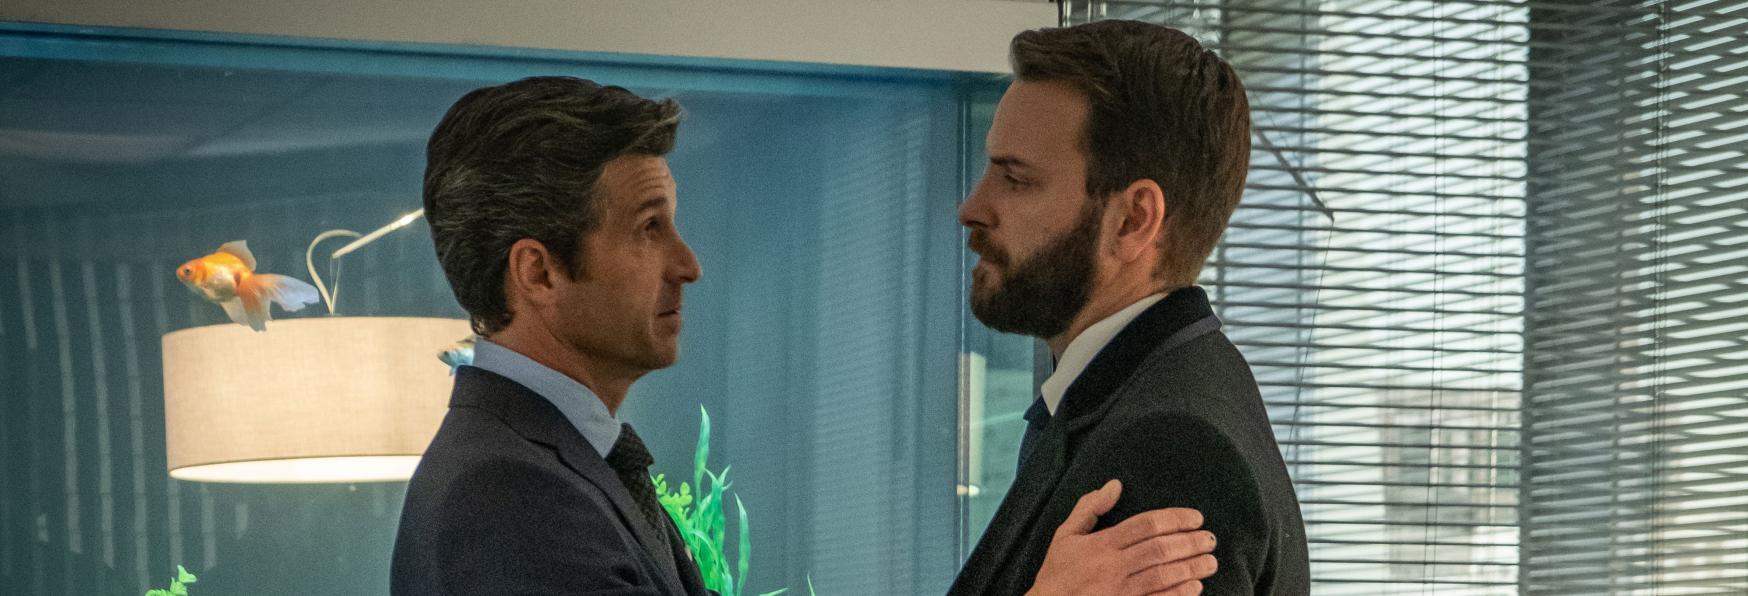 The Best of 2020, le Migliori Serie TV dell'Anno secondo Mad for Series: Diavoli